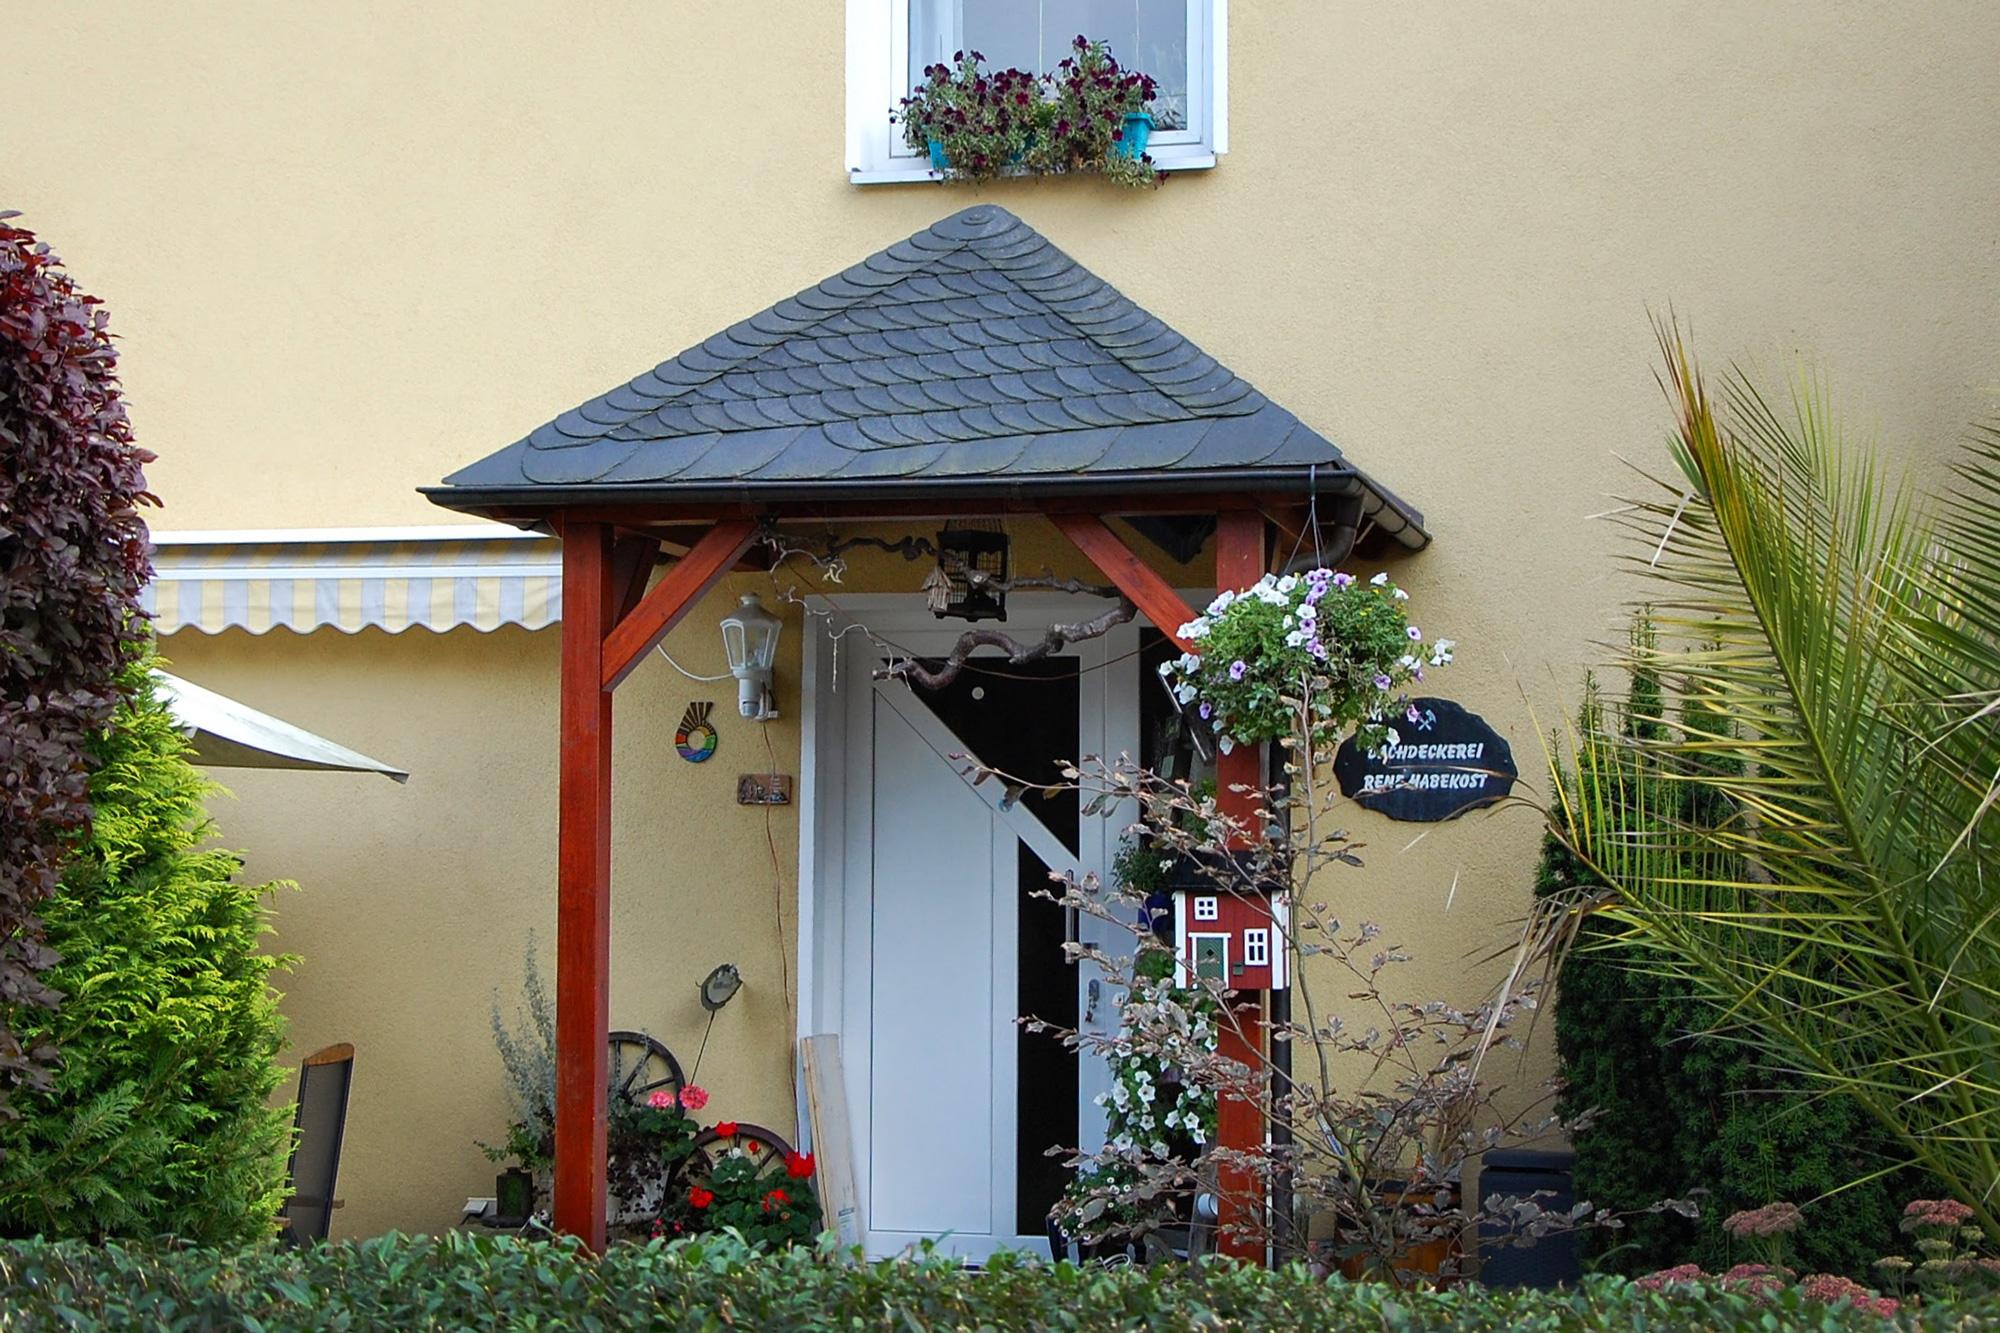 Naturschiefer, Holzarbeiten, Vorhaus komplett, Blankenberg, Saale-Orla-Kreis